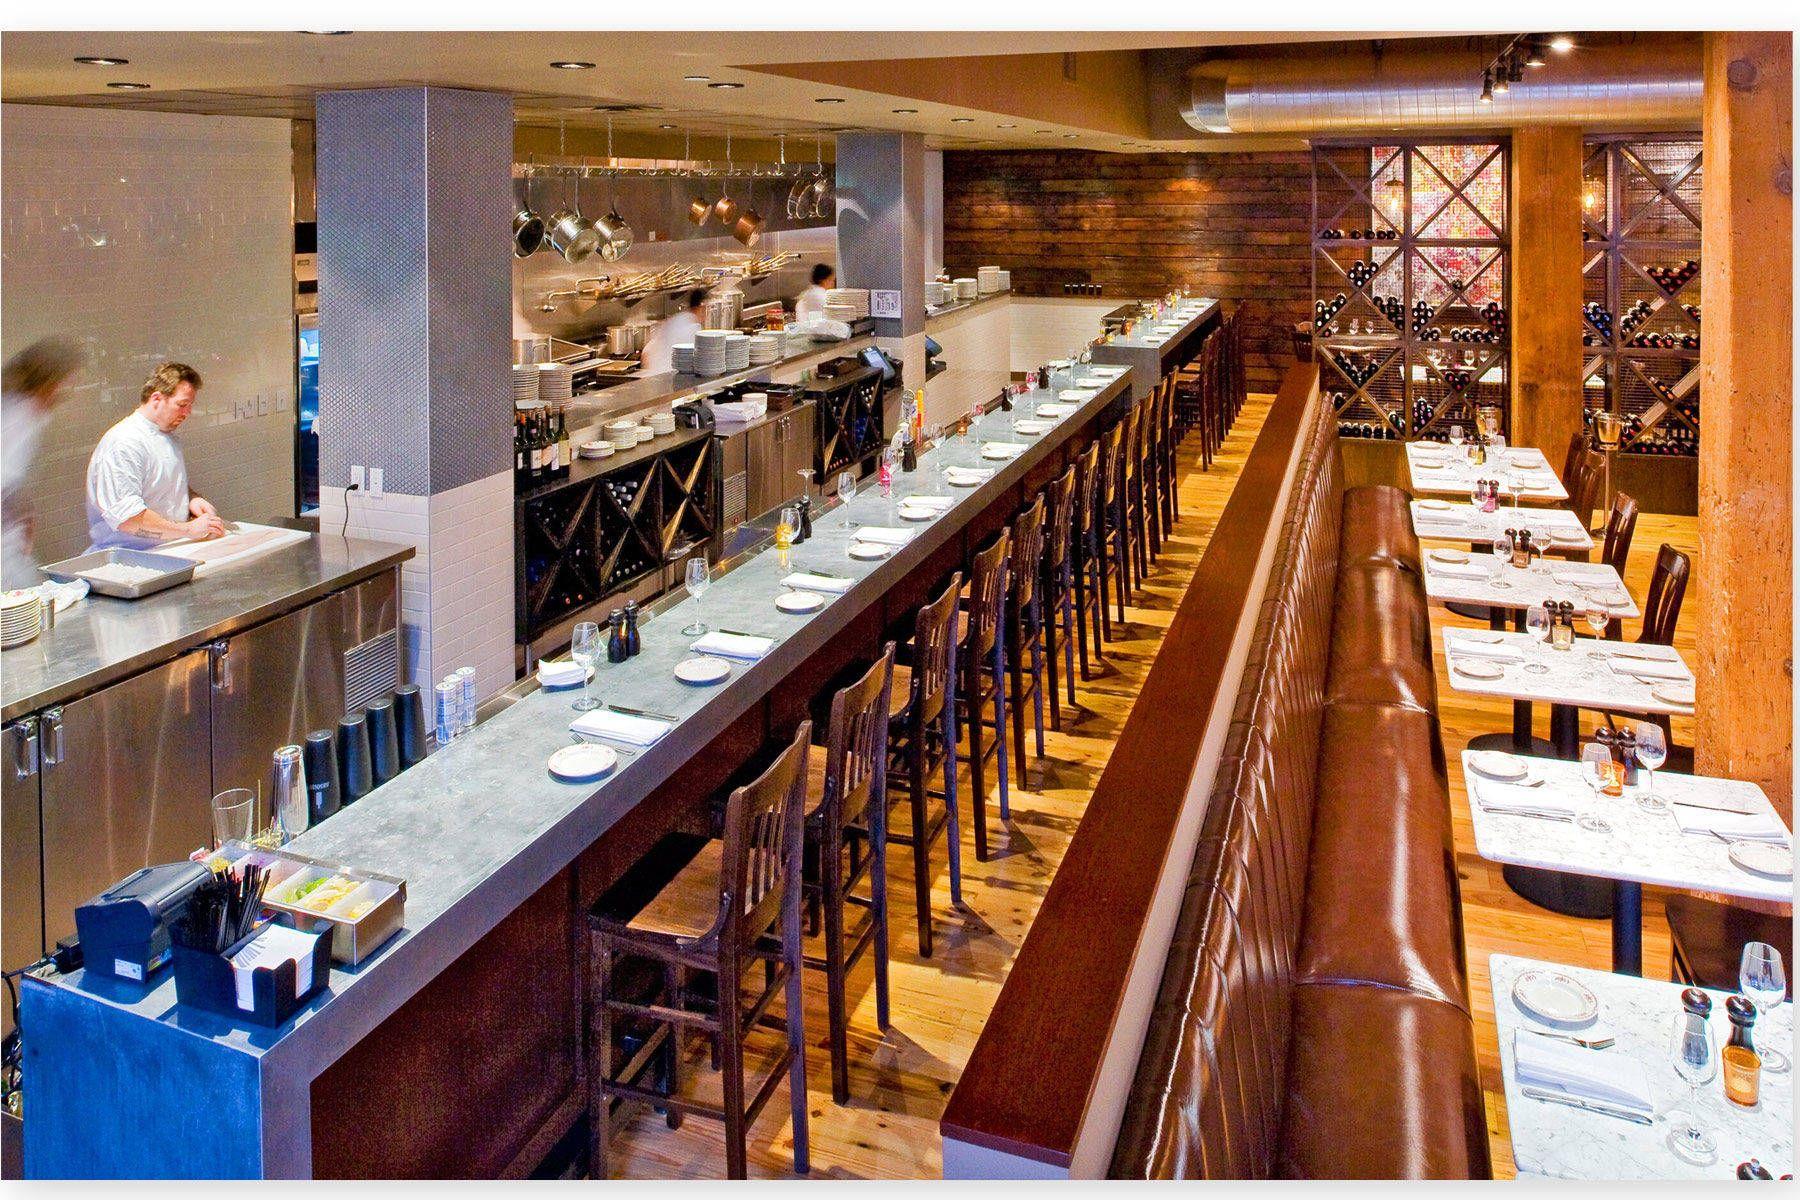 Bar La Grassa